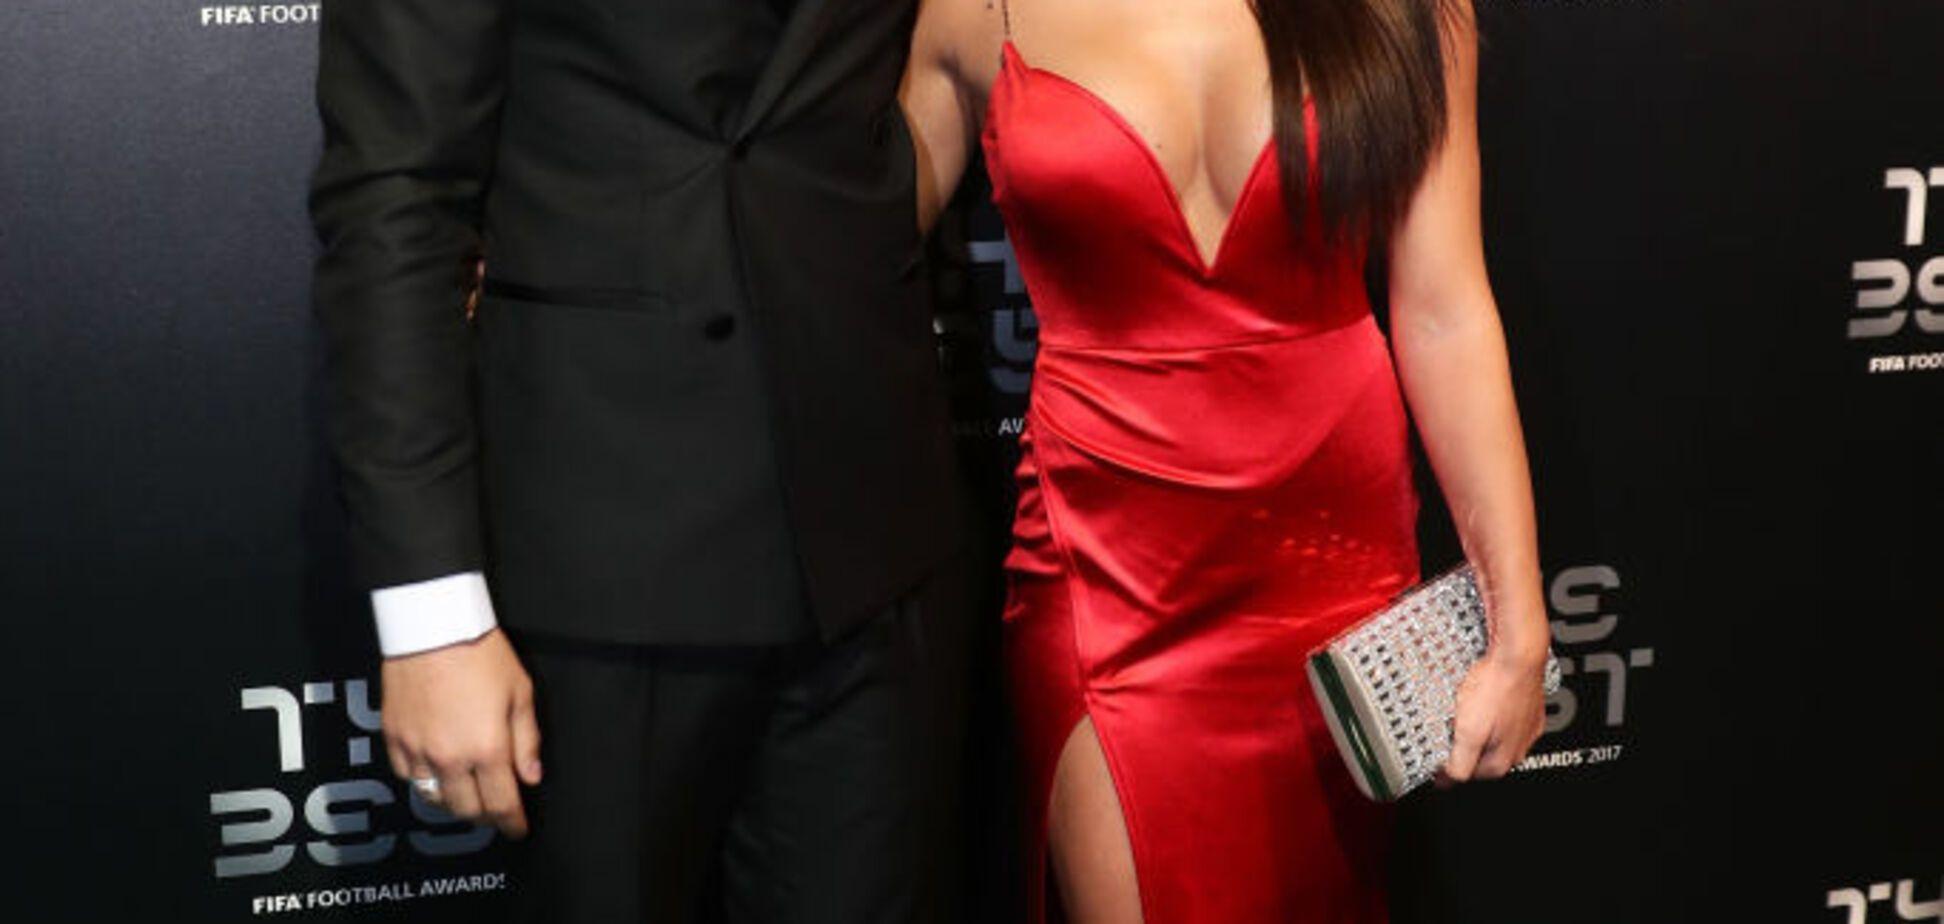 Жена знаменитого футболиста сверкнула глубоким декольте на церемонии ФИФА: фото красотки